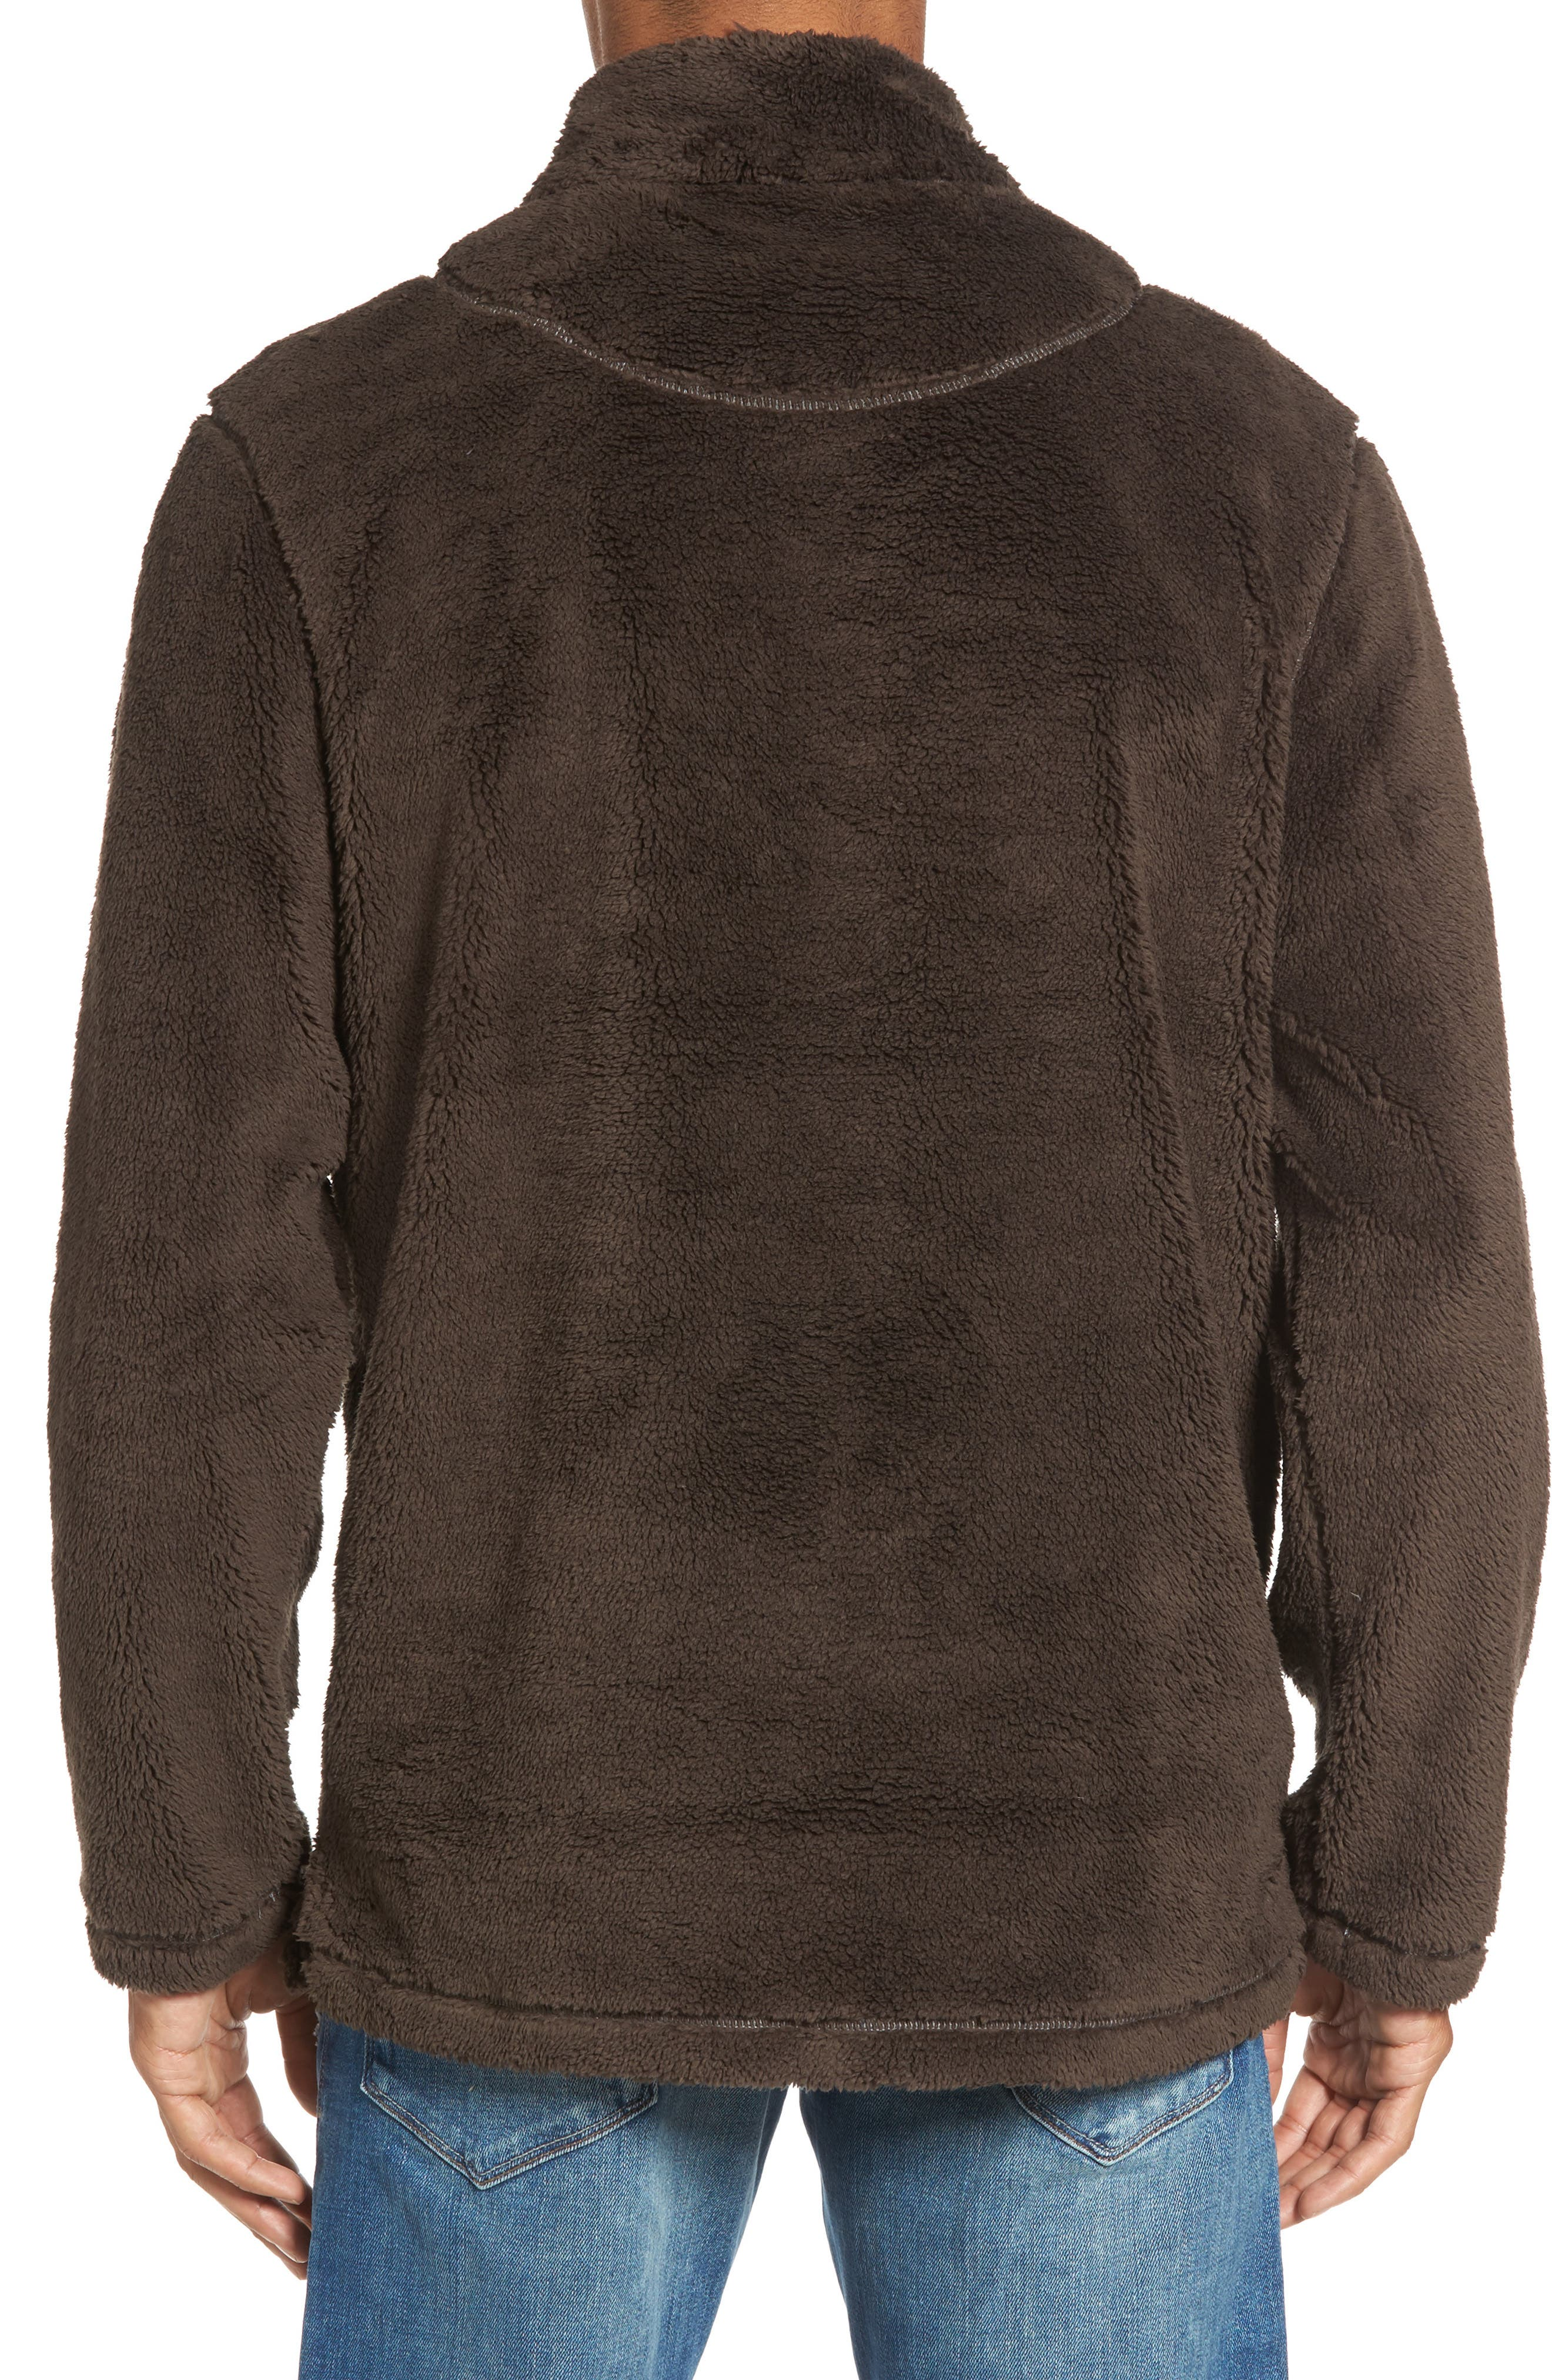 Pebble Pile Quarter Zip Pullover,                             Alternate thumbnail 2, color,                             VINTAGE BR